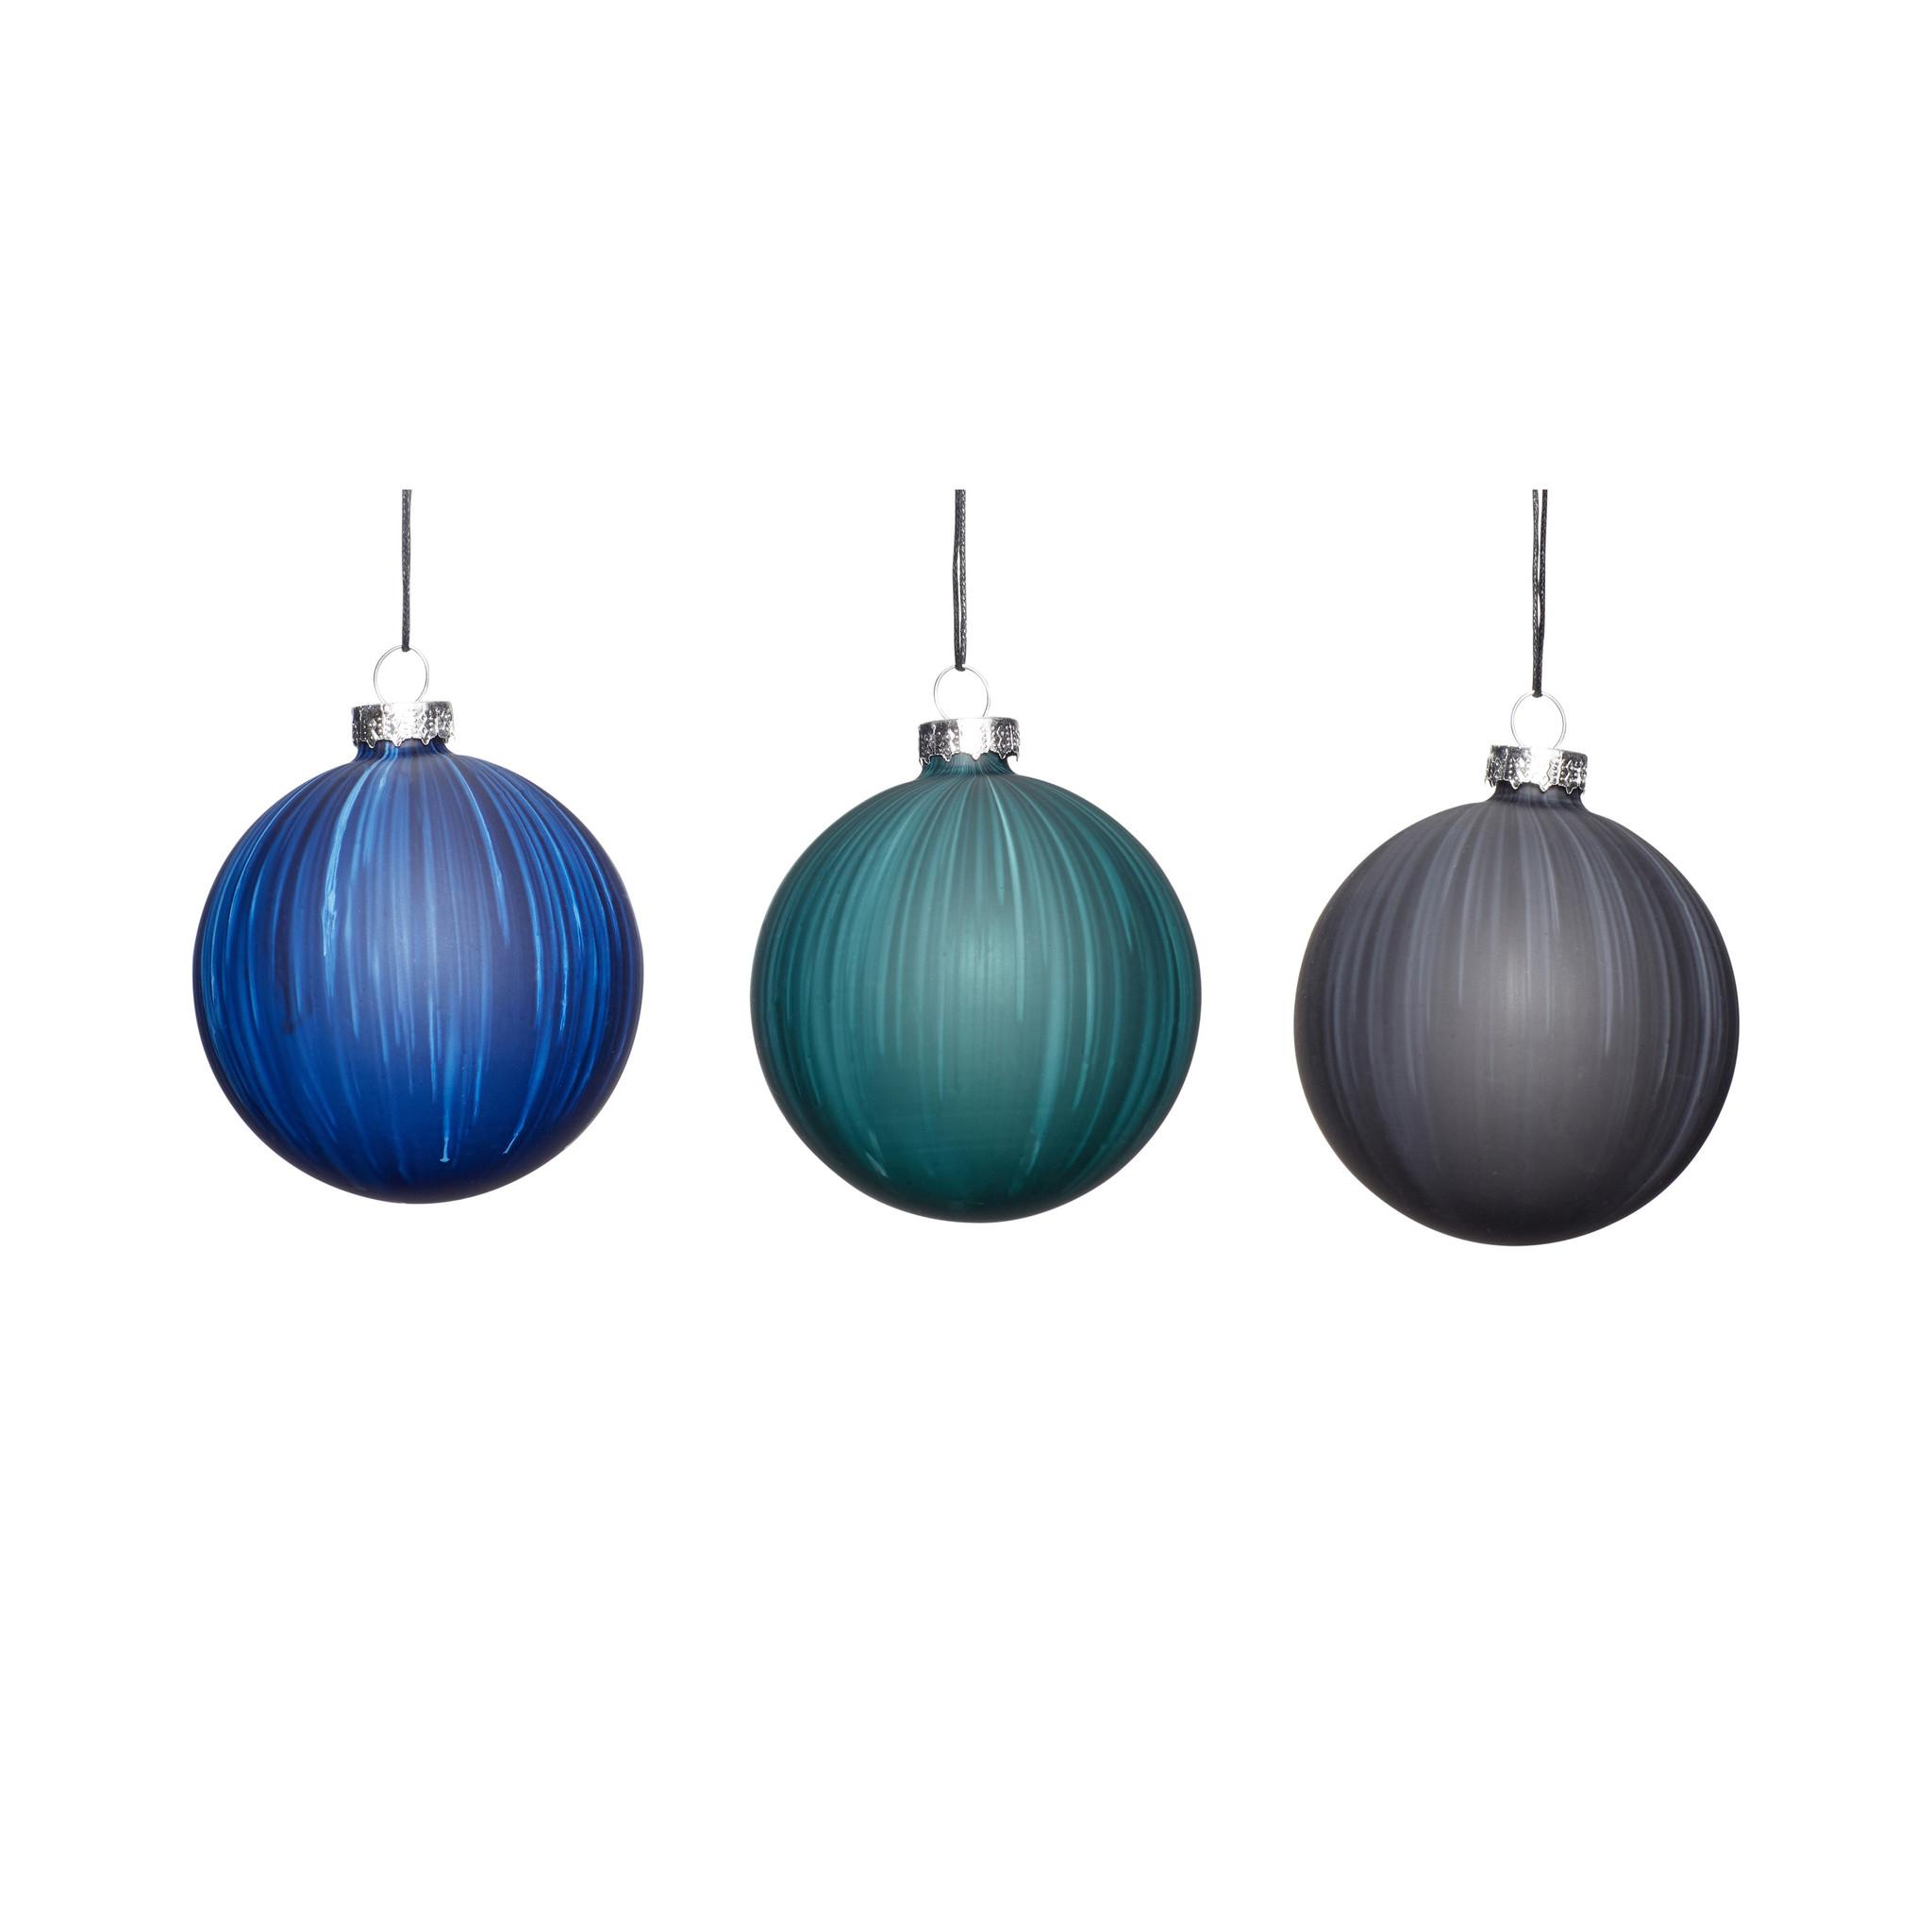 Hubsch Kerstbal, blauw / groen / grijs, set van 3-350708-5712772065907